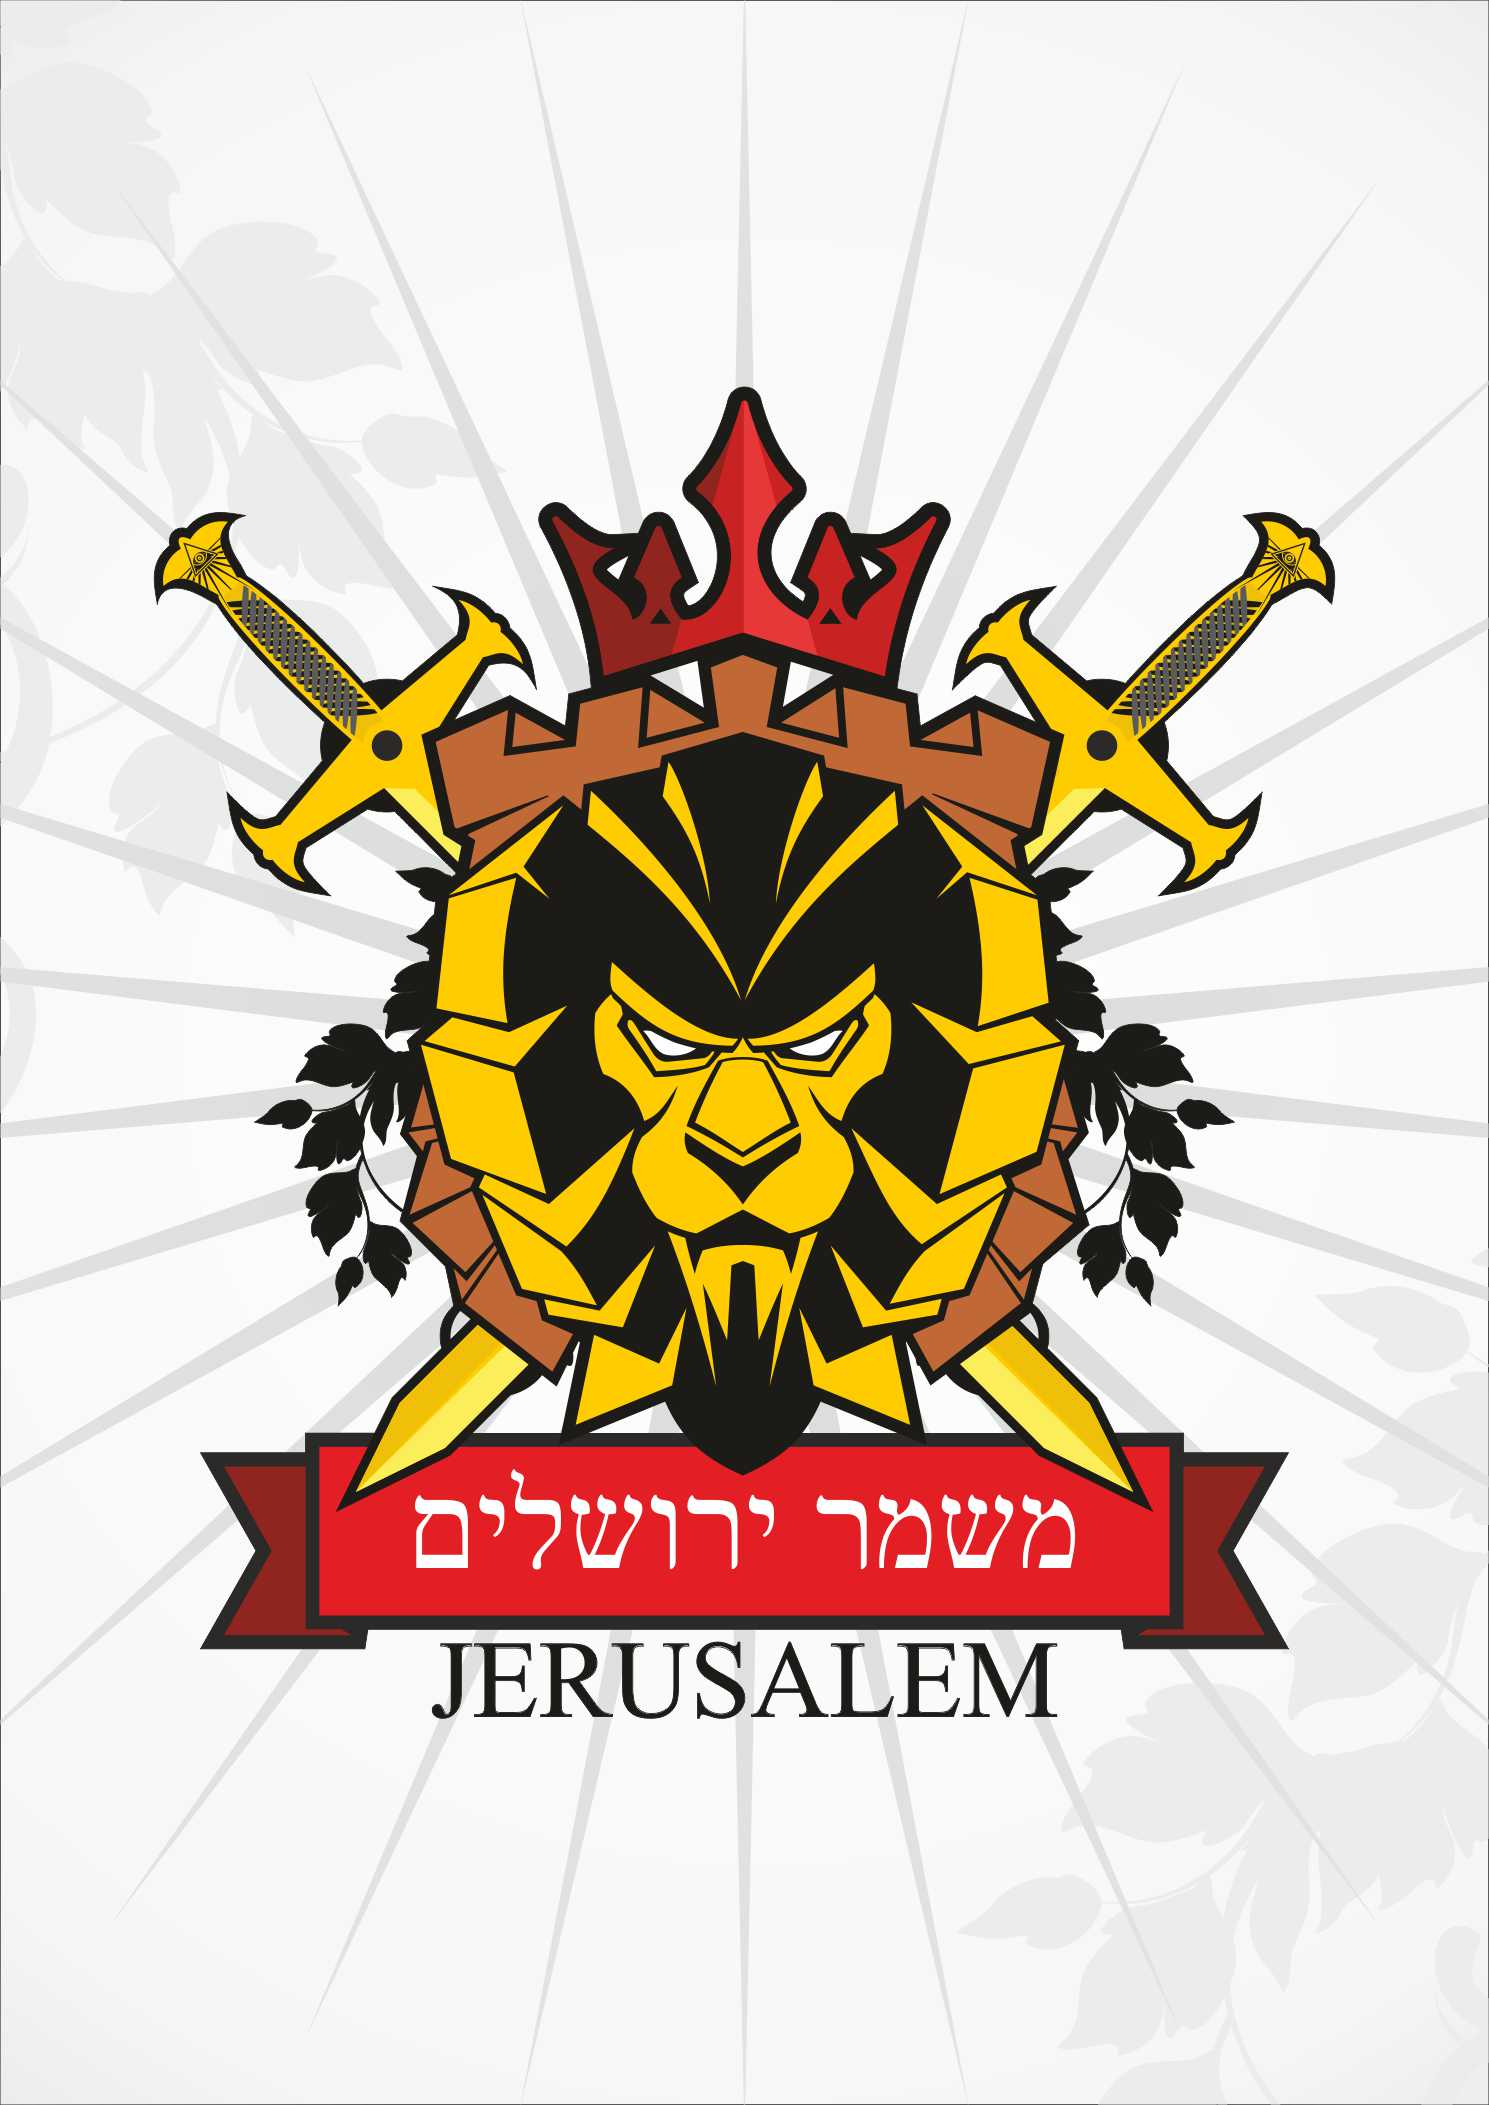 Разработка логотипа. Компания Страж Иерусалима фото f_04451f1374e4e332.jpg